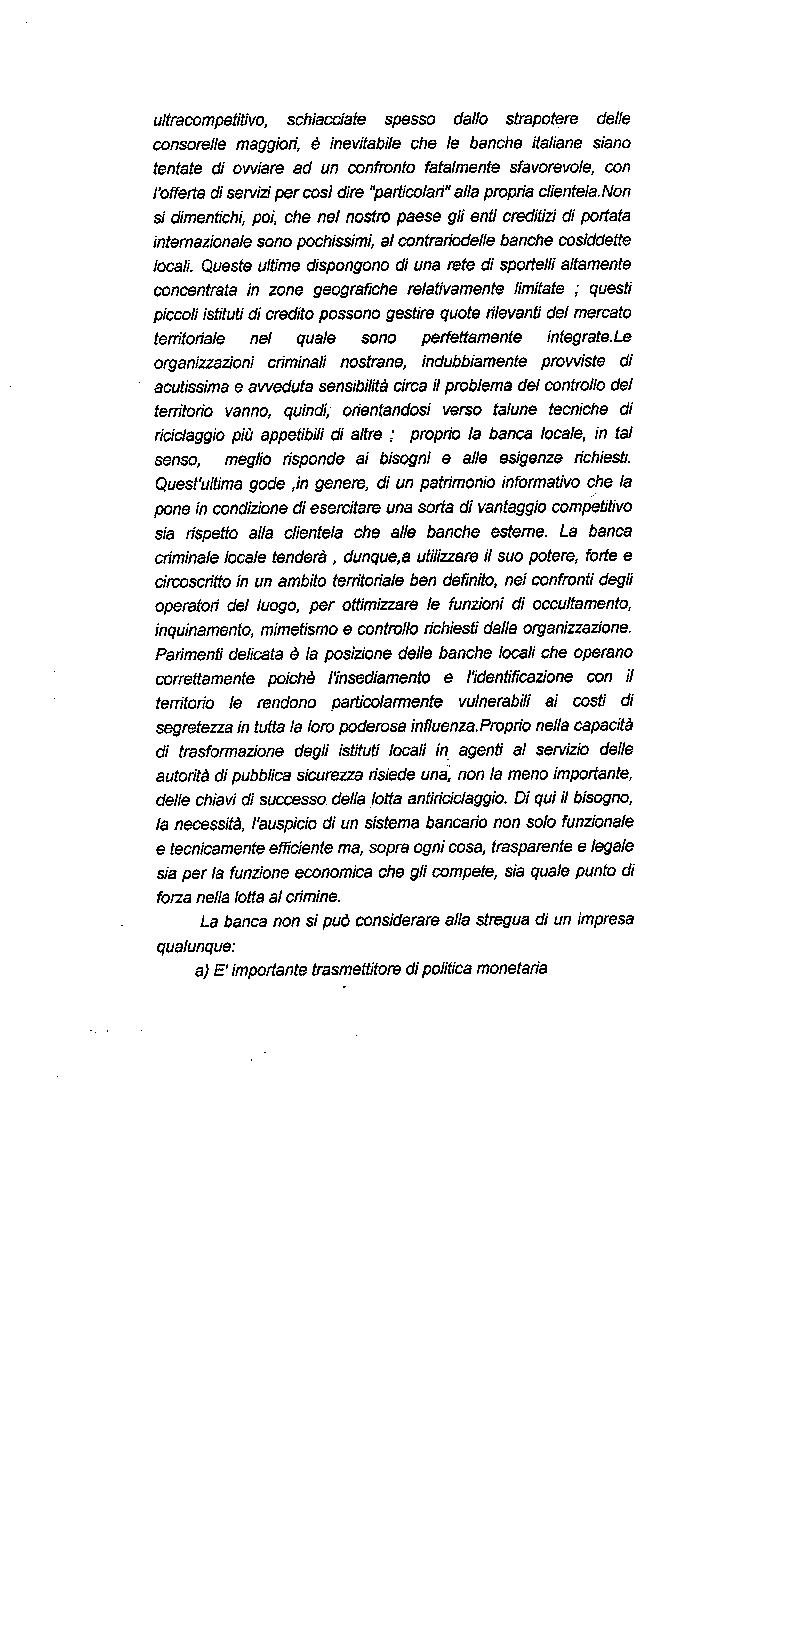 Anteprima della tesi: Il riciclaggio di proventi illeciti nel sistema finanziario contemporaneo, Pagina 5